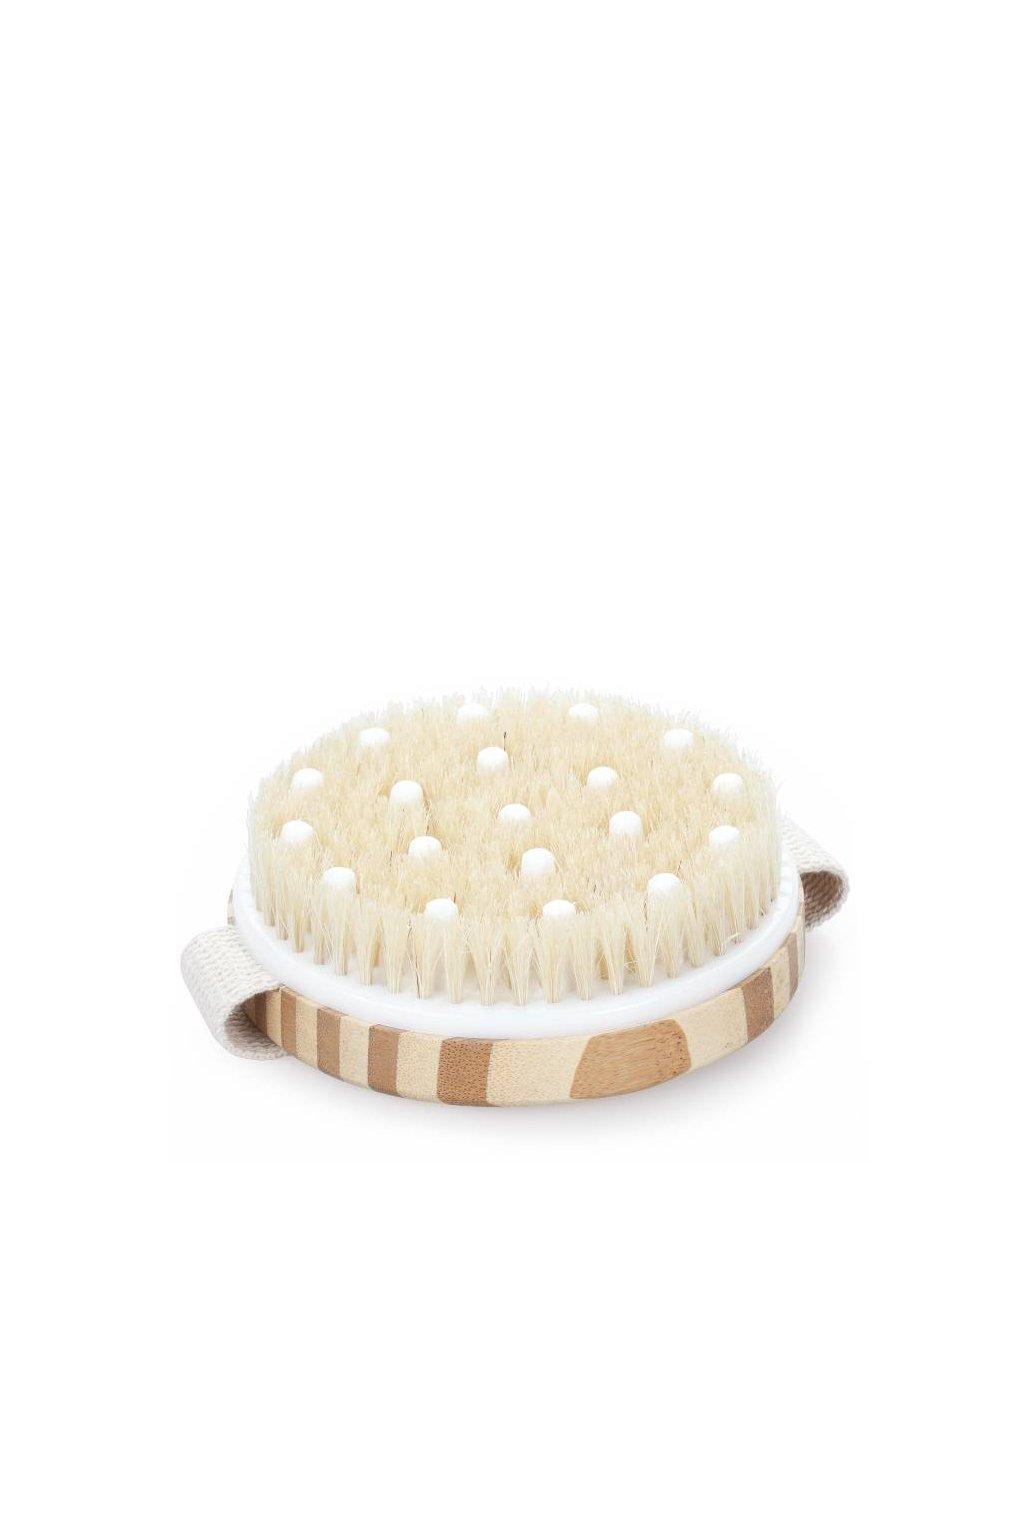 7922 spa beauty masazni kartac do ruky kulaty dreveny stetiny a masazni trny pro suche i mokre kartacovani